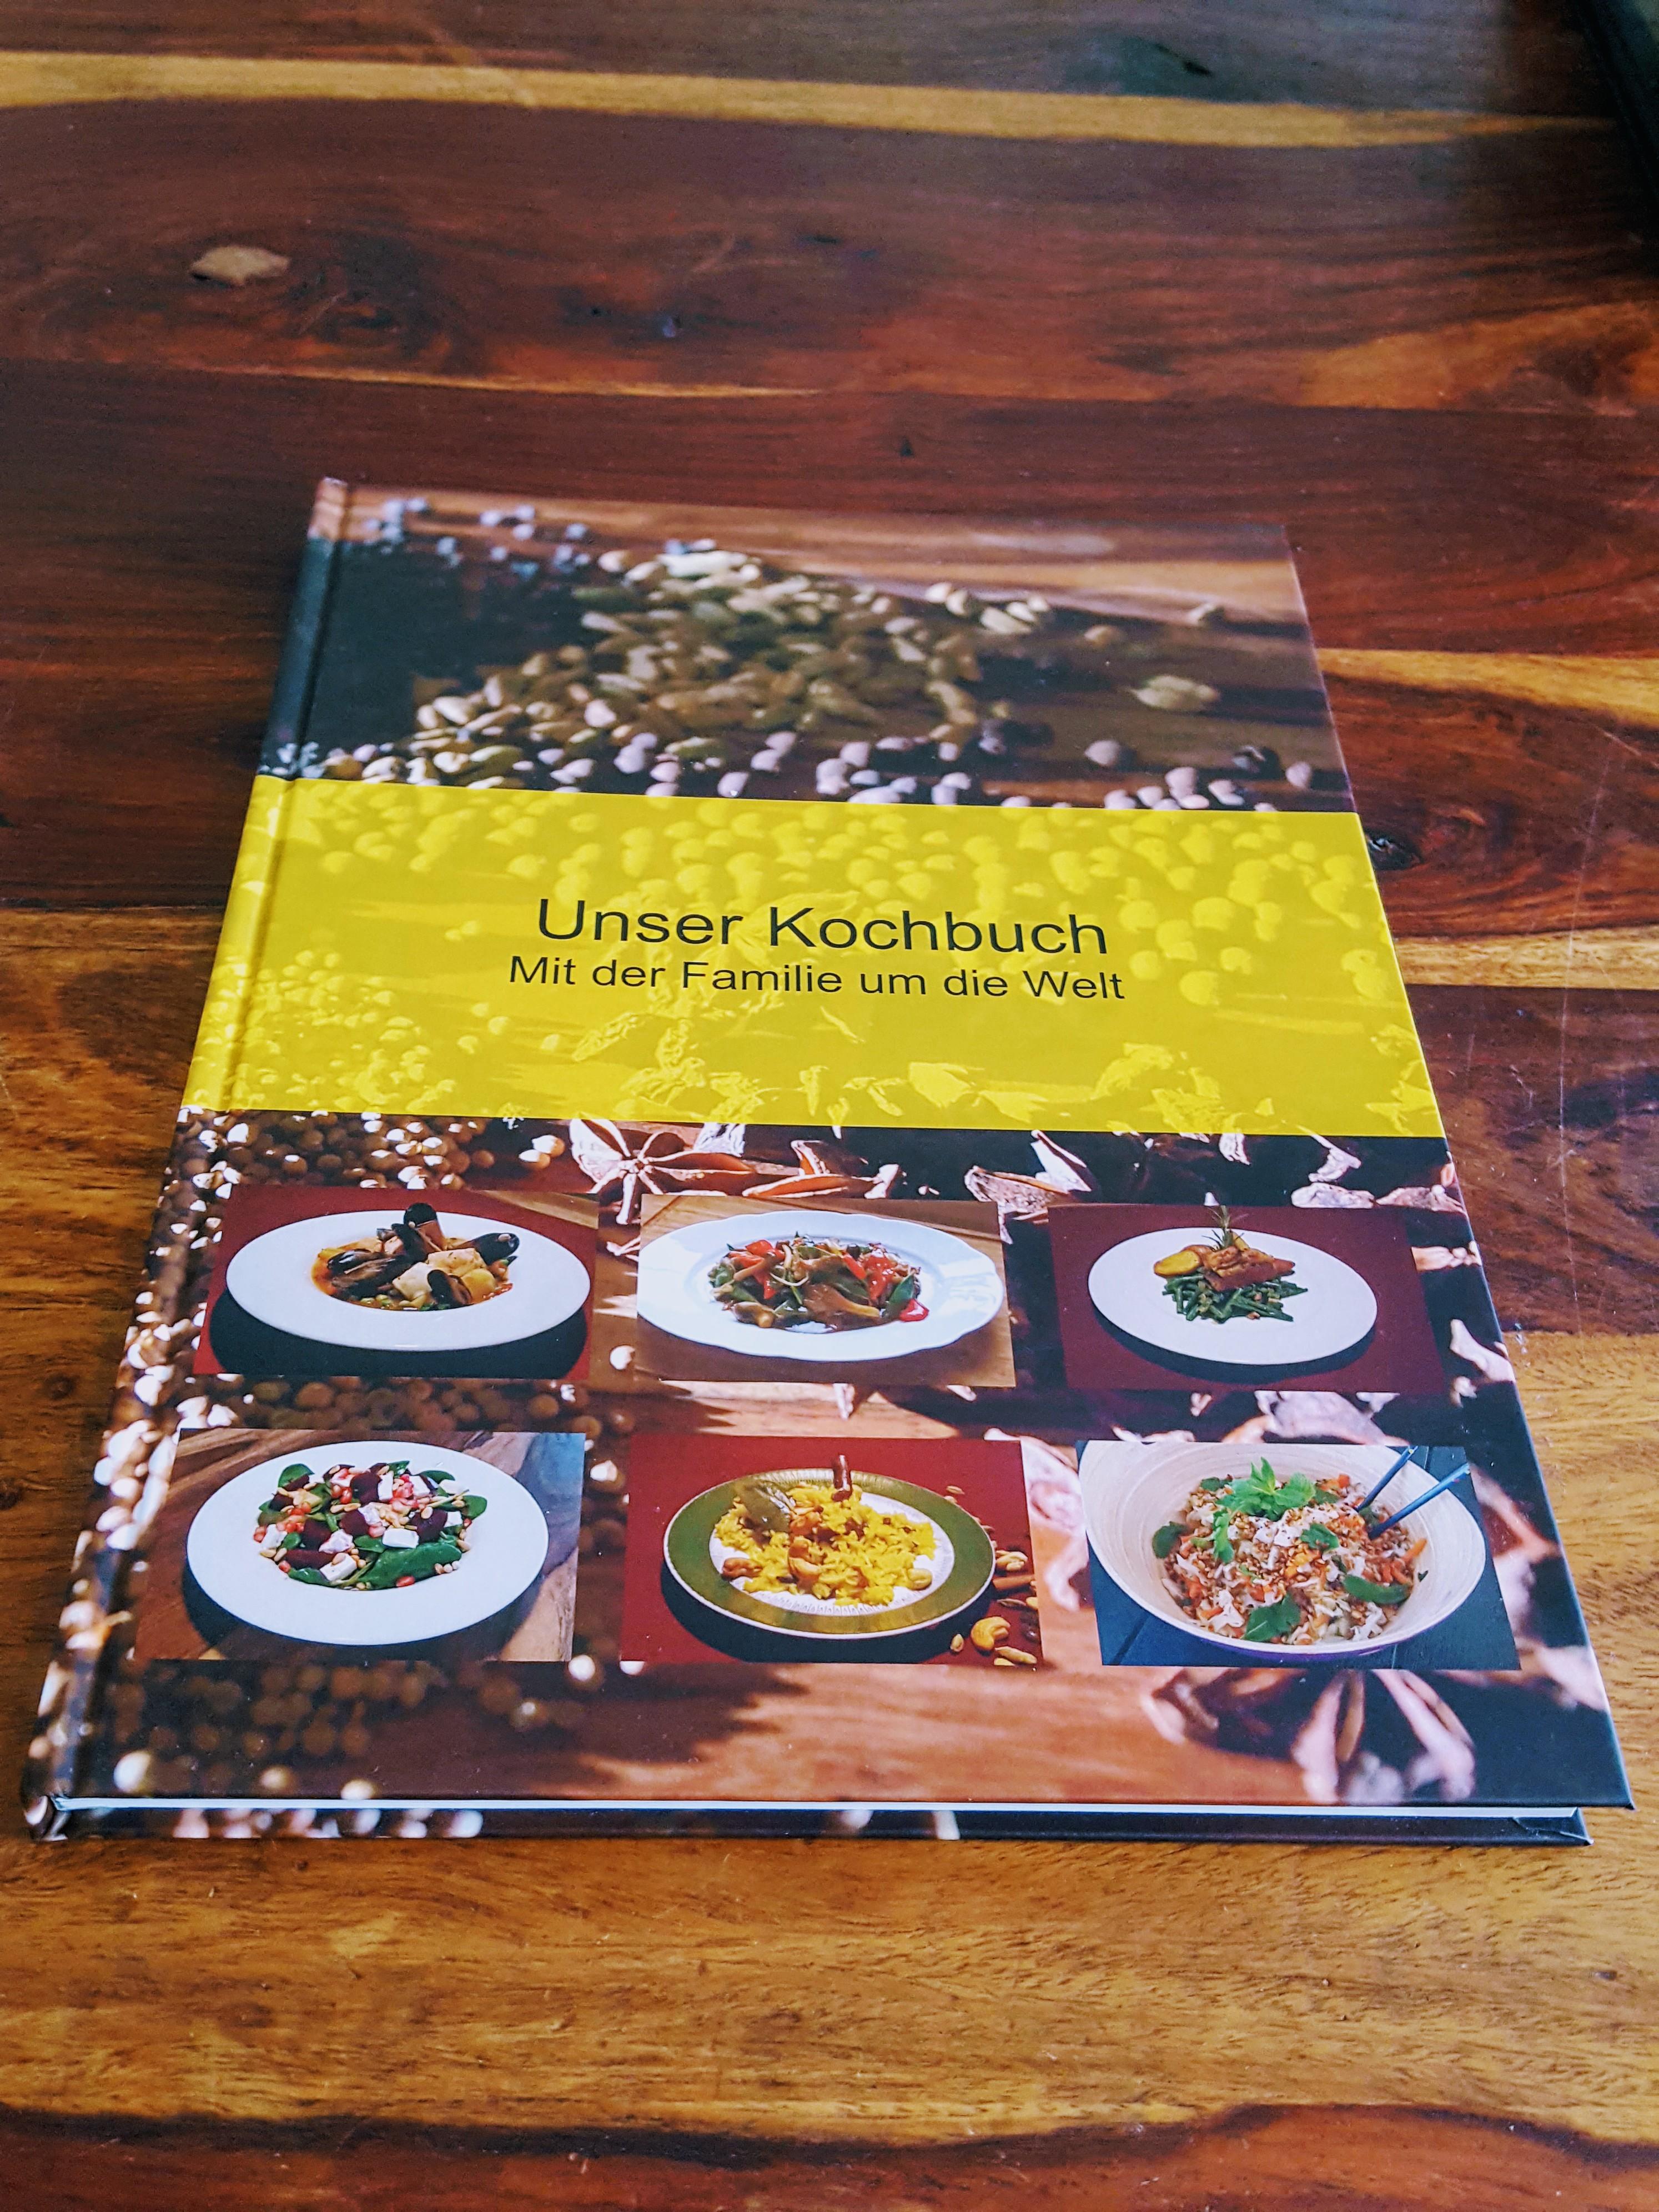 Unser Kochbuch - Mit der Familie um die Welt -Hardcover